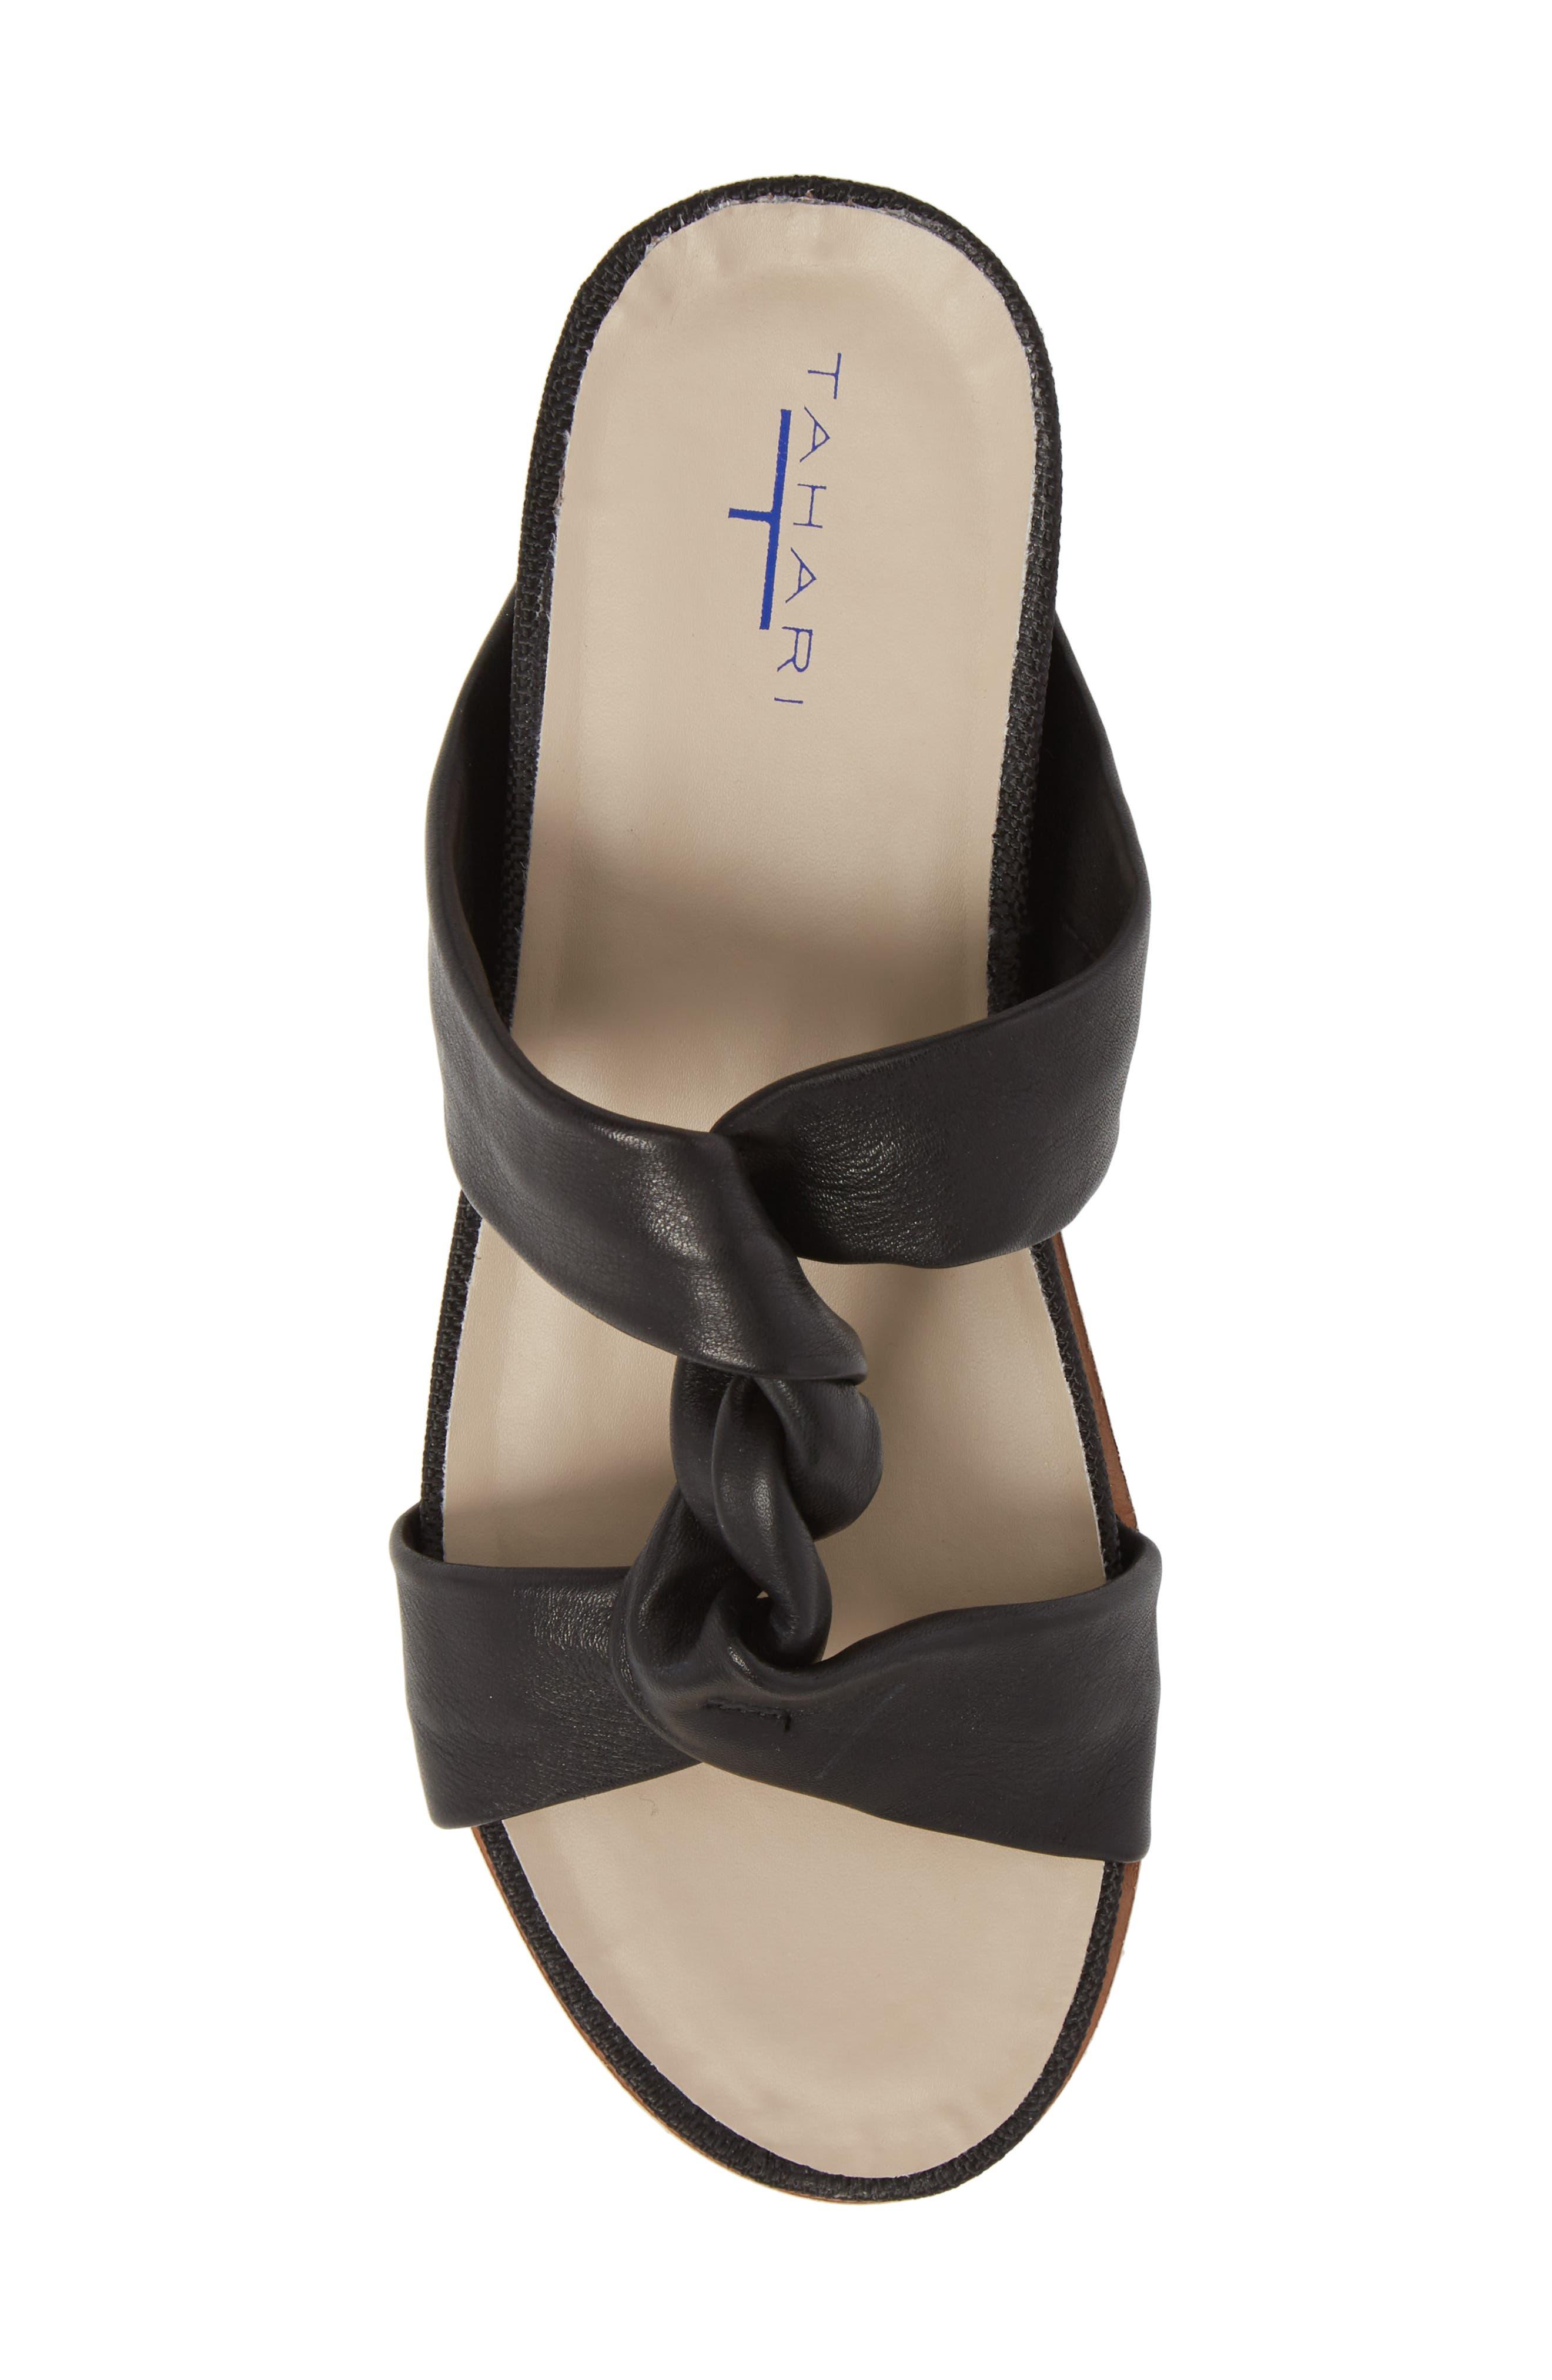 Ginger Slide Sandal,                             Alternate thumbnail 5, color,                             Black Leather